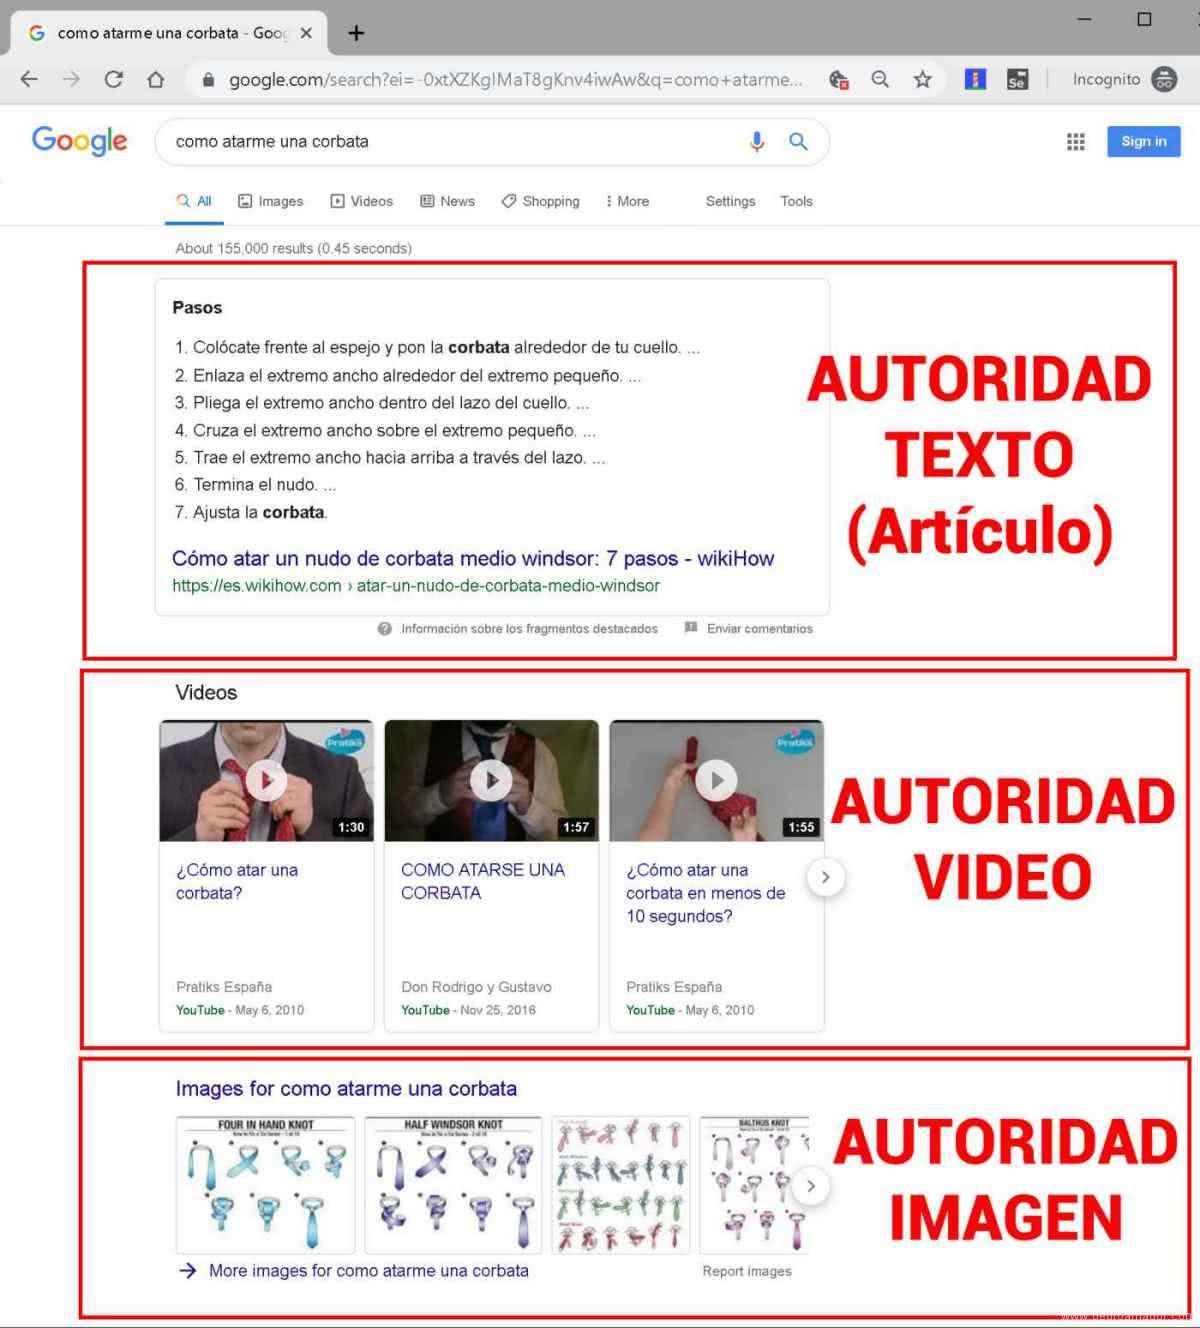 Ejemplo de autoridad en Google